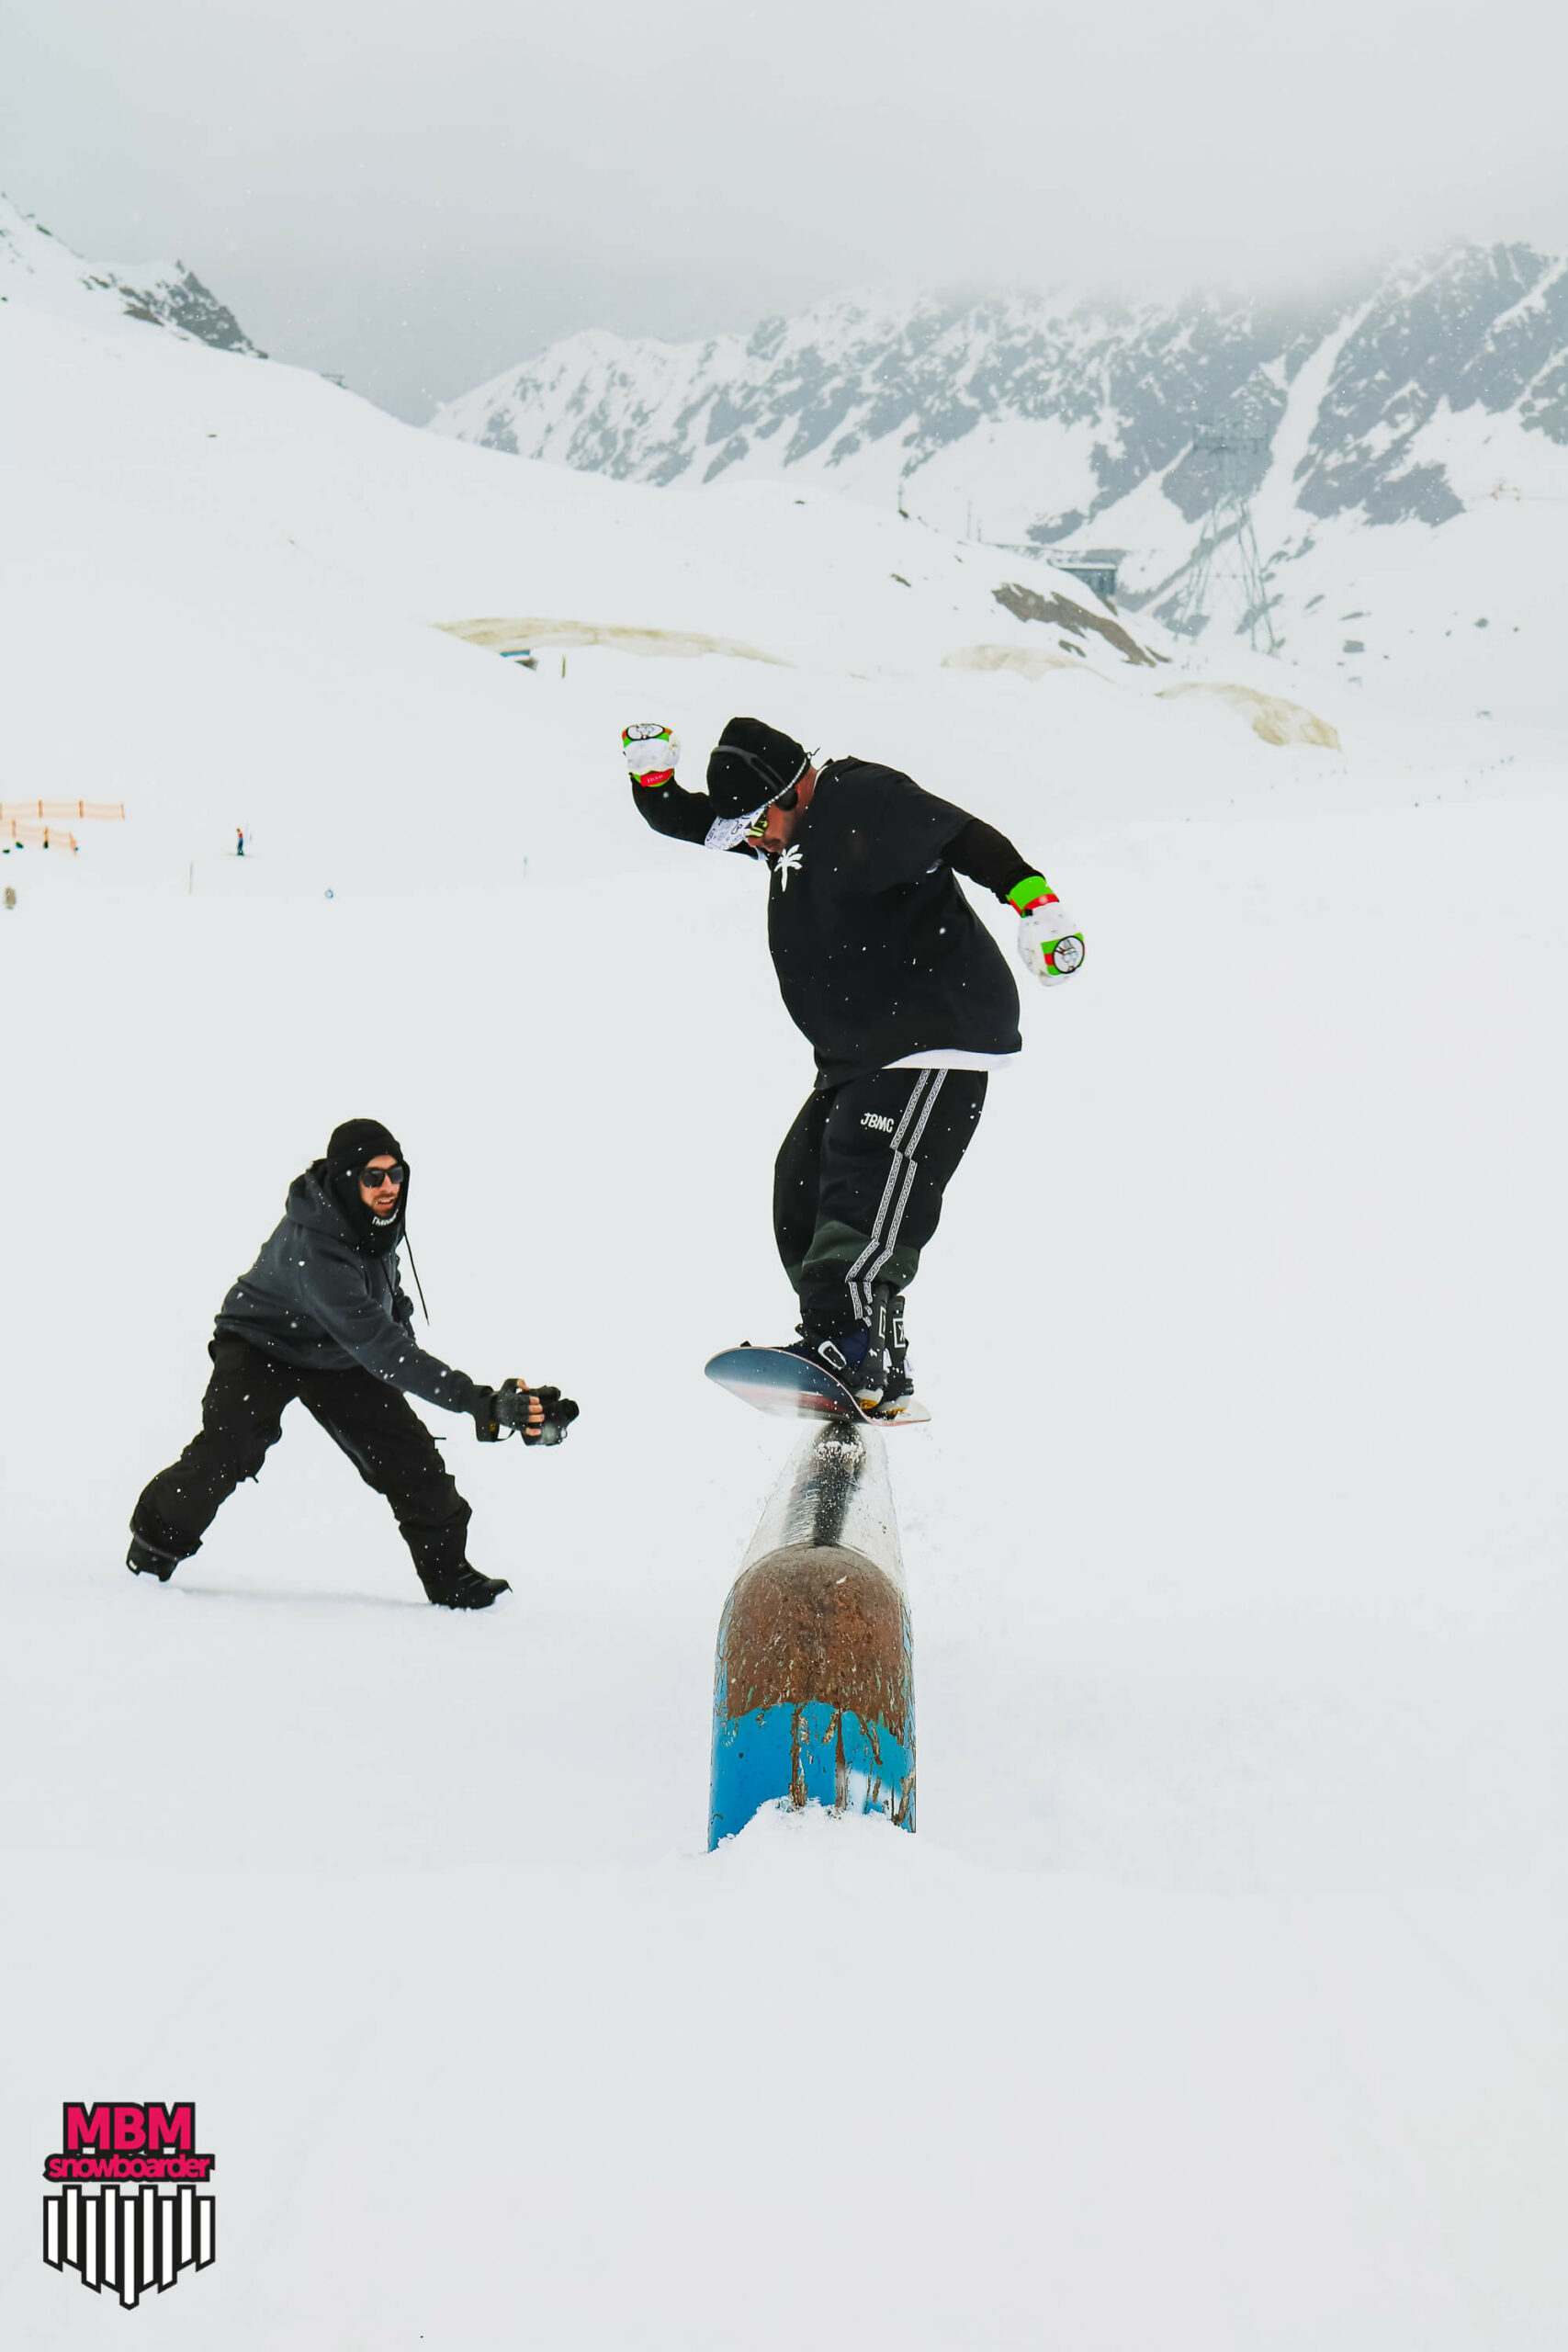 snowboarderMBM_sd_kaunertal_114